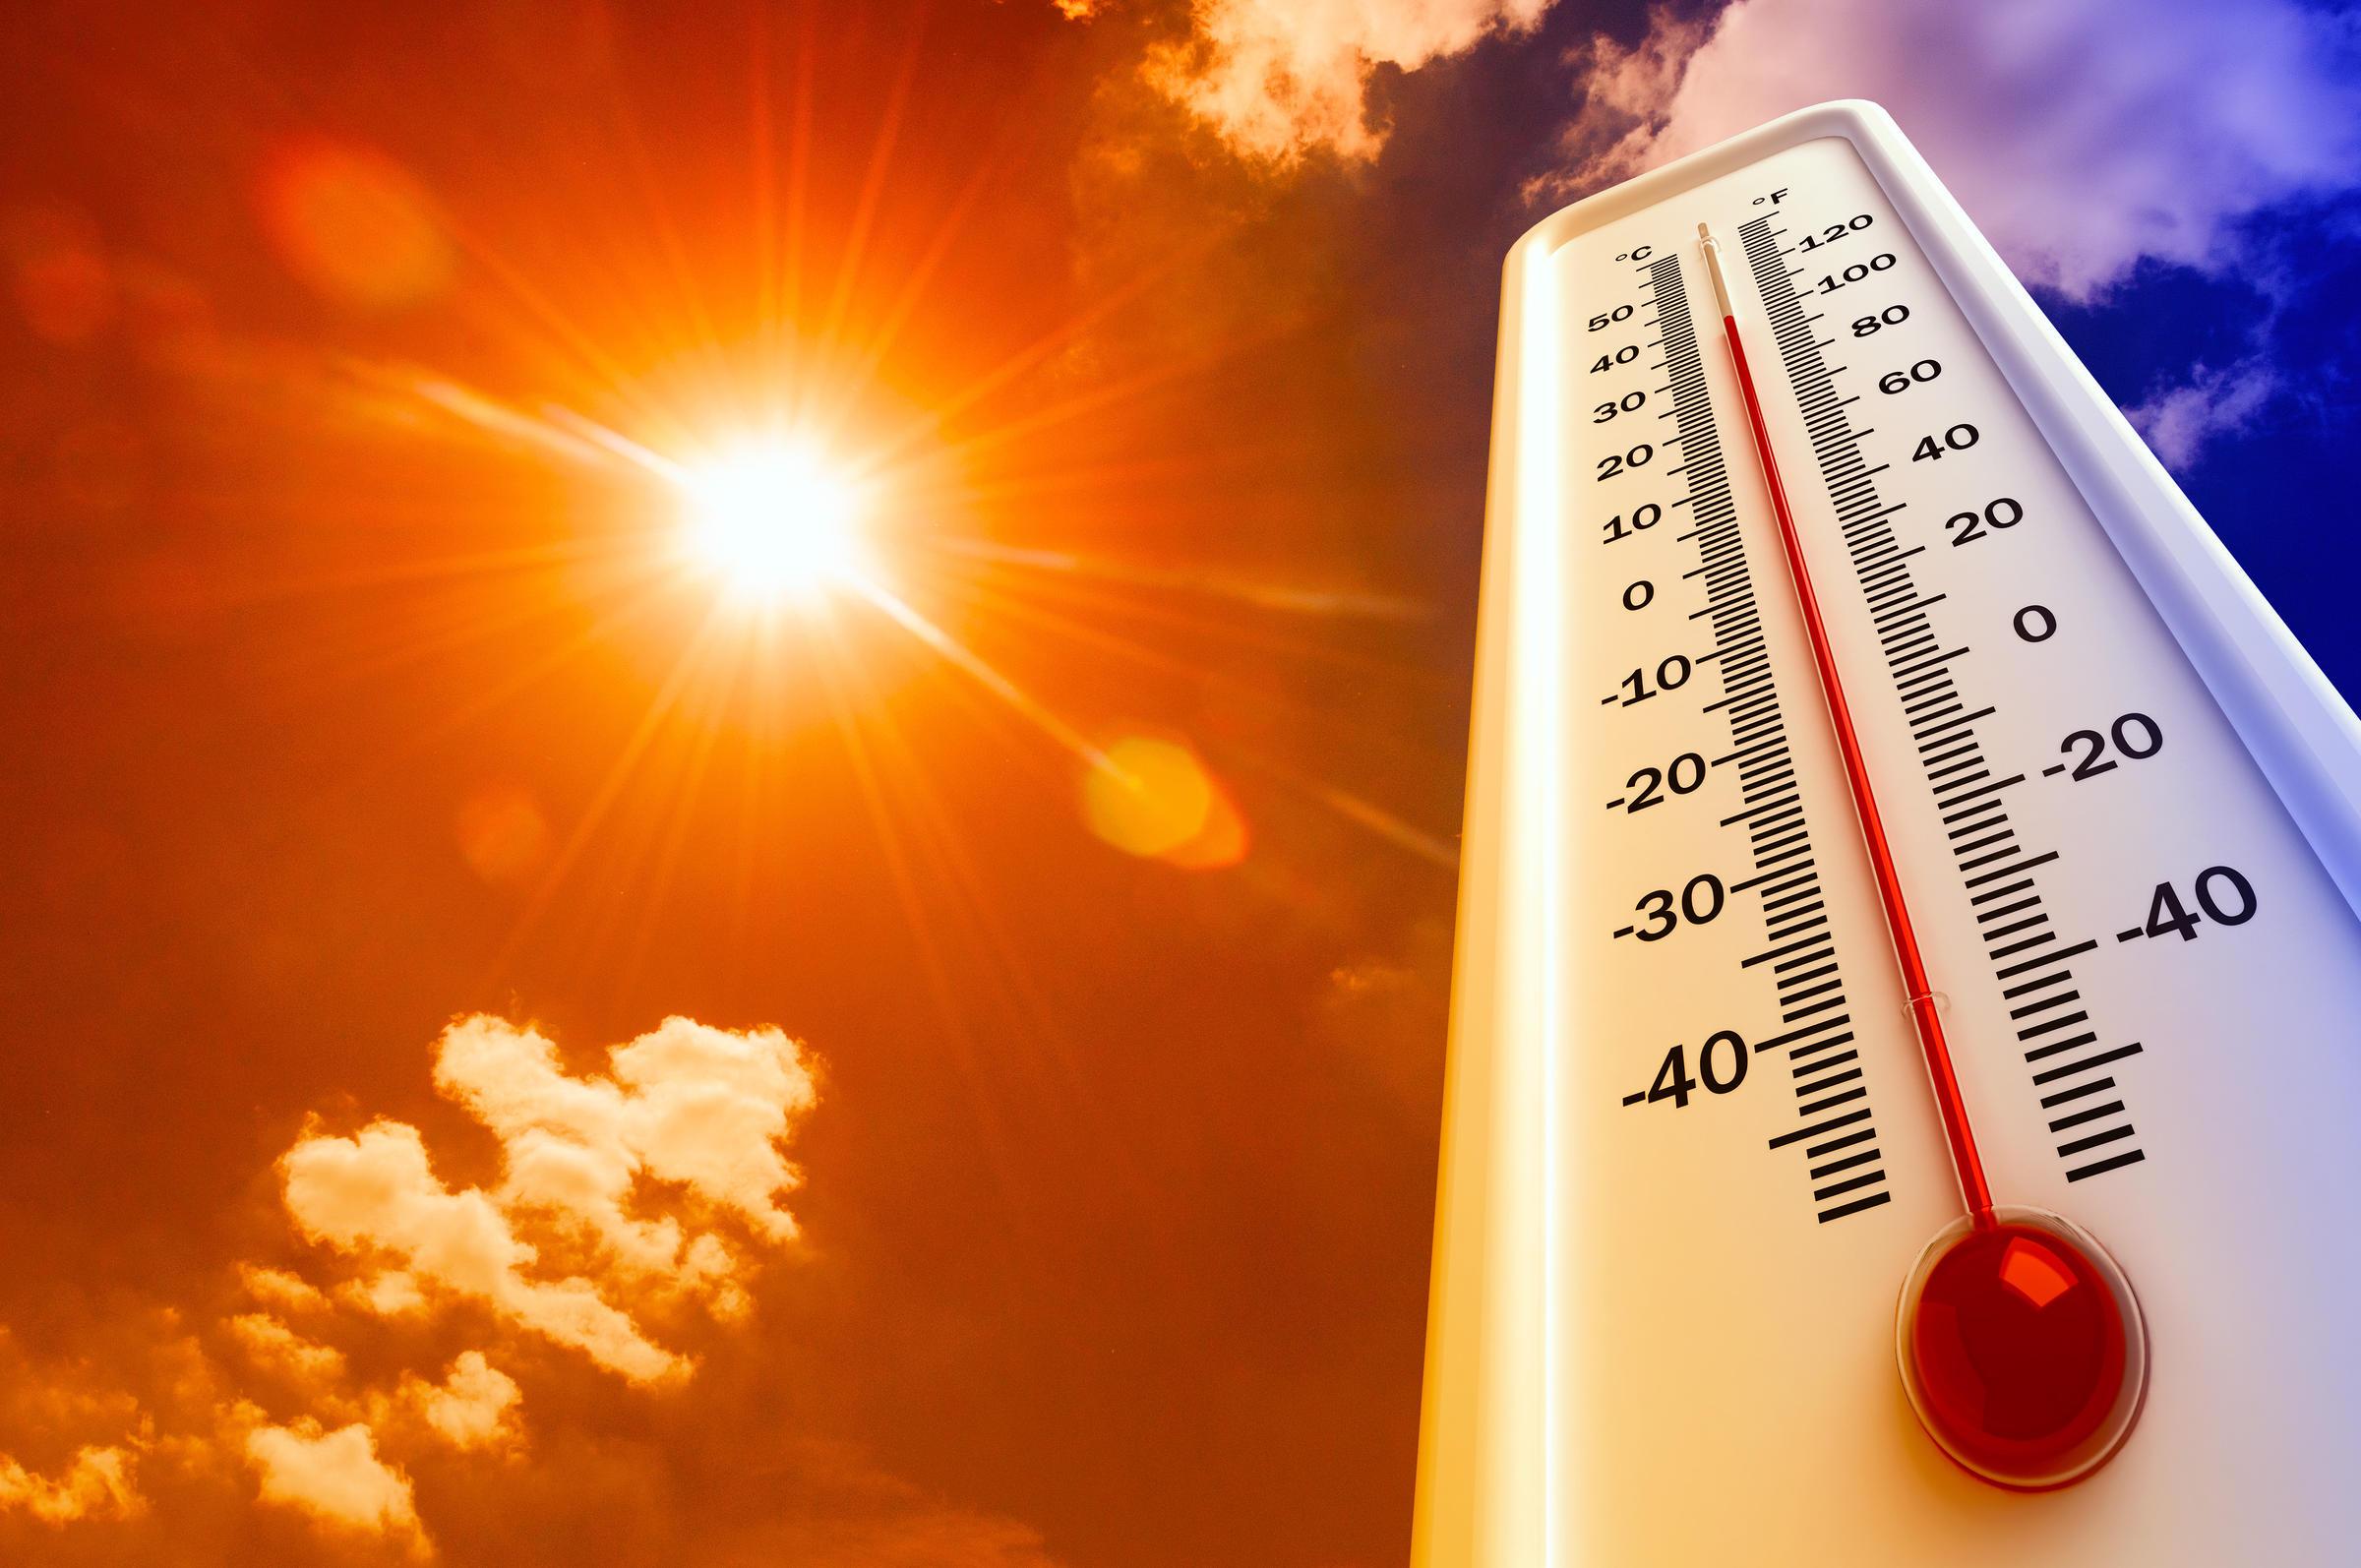 درجات الحرارة الدنيا والعليا المرتقبة الجمعة